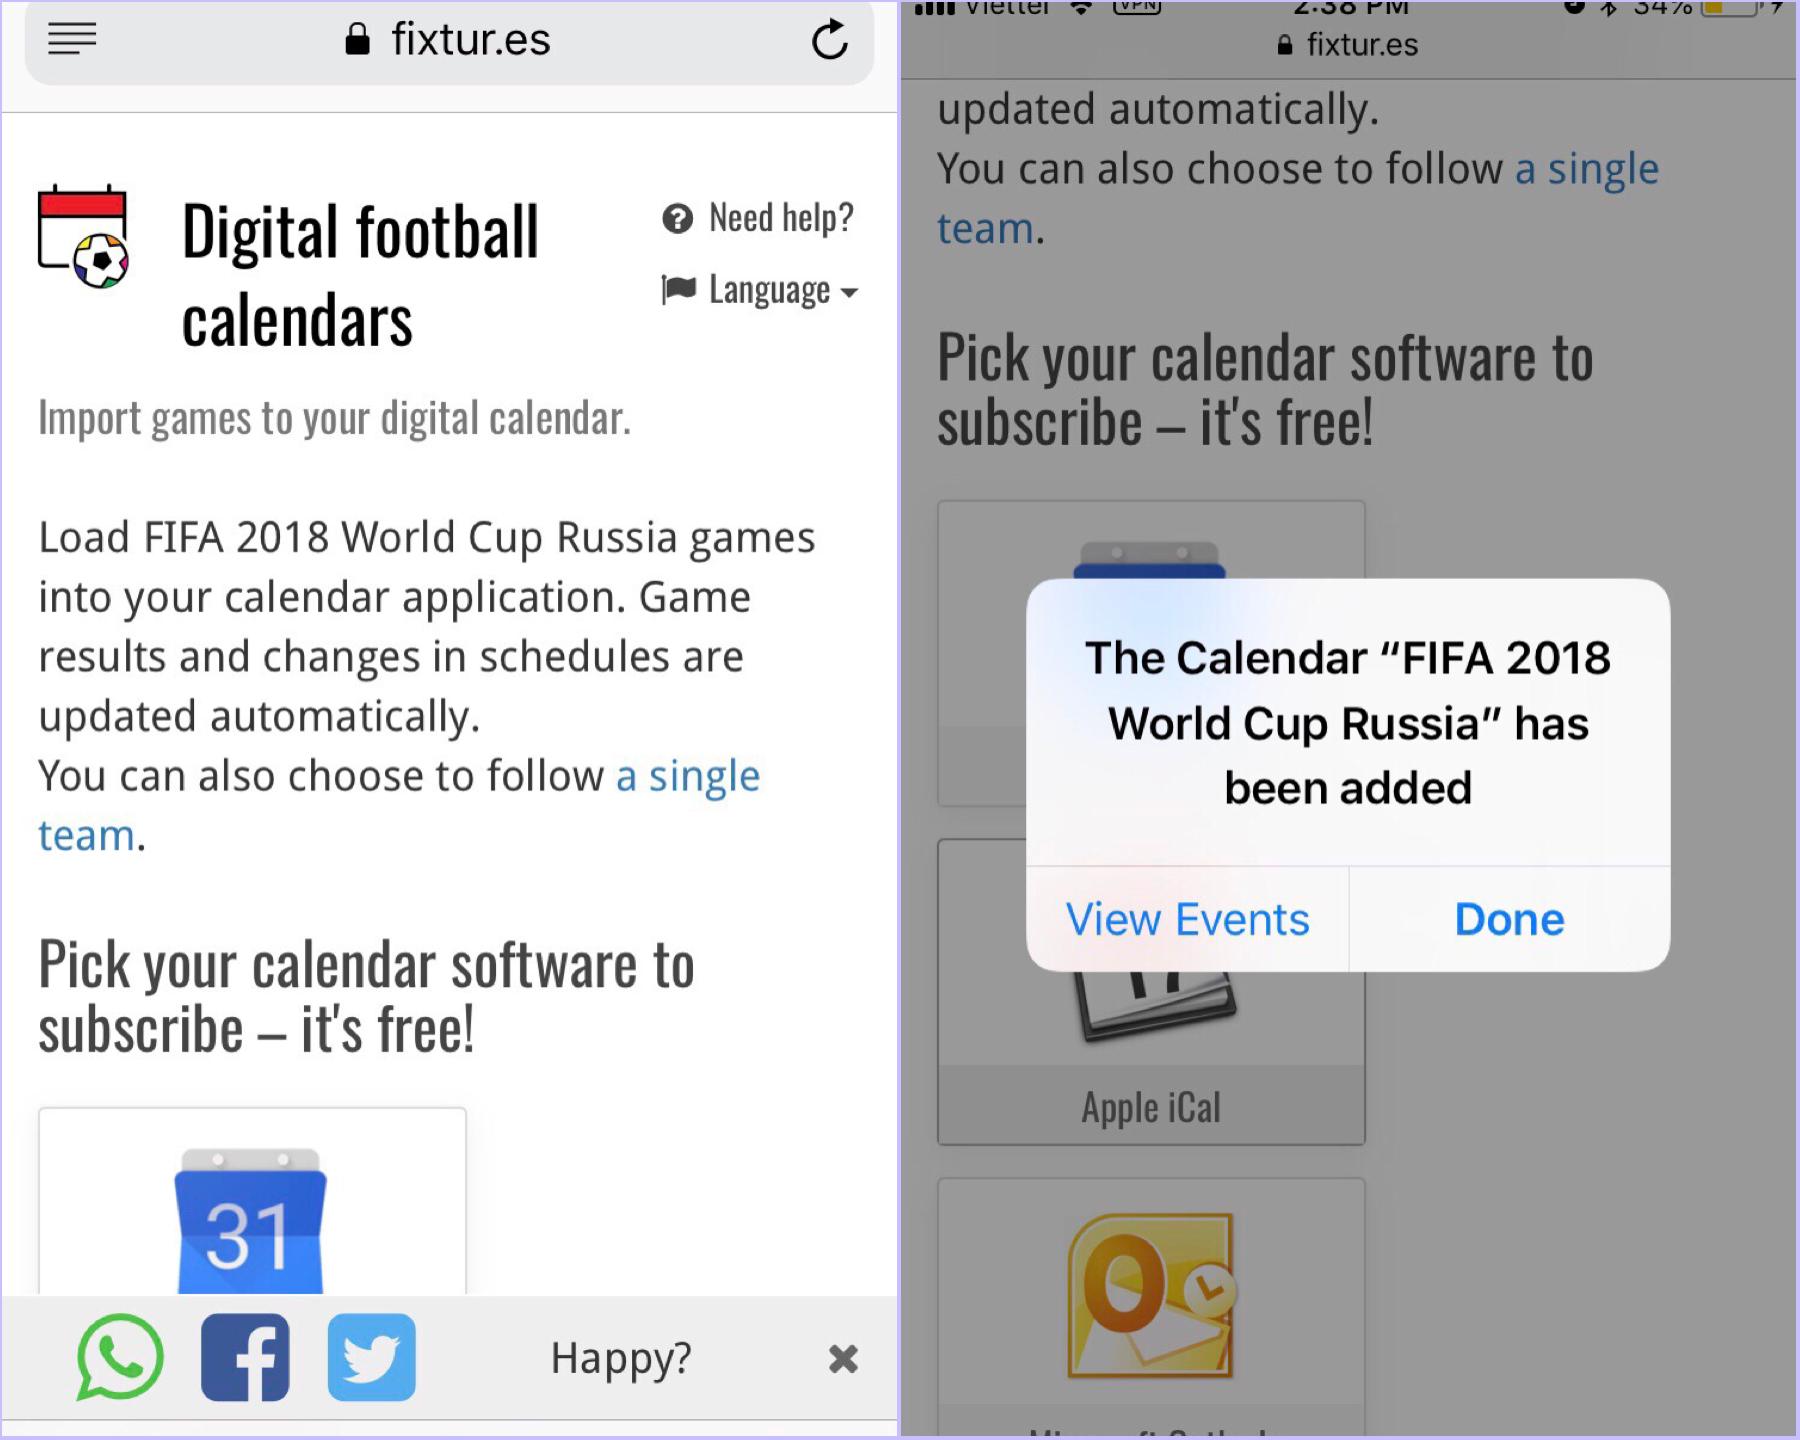 Đưa lịch thi đấu World Cup 2018 vào ứng dụng Calendar trên iPhone